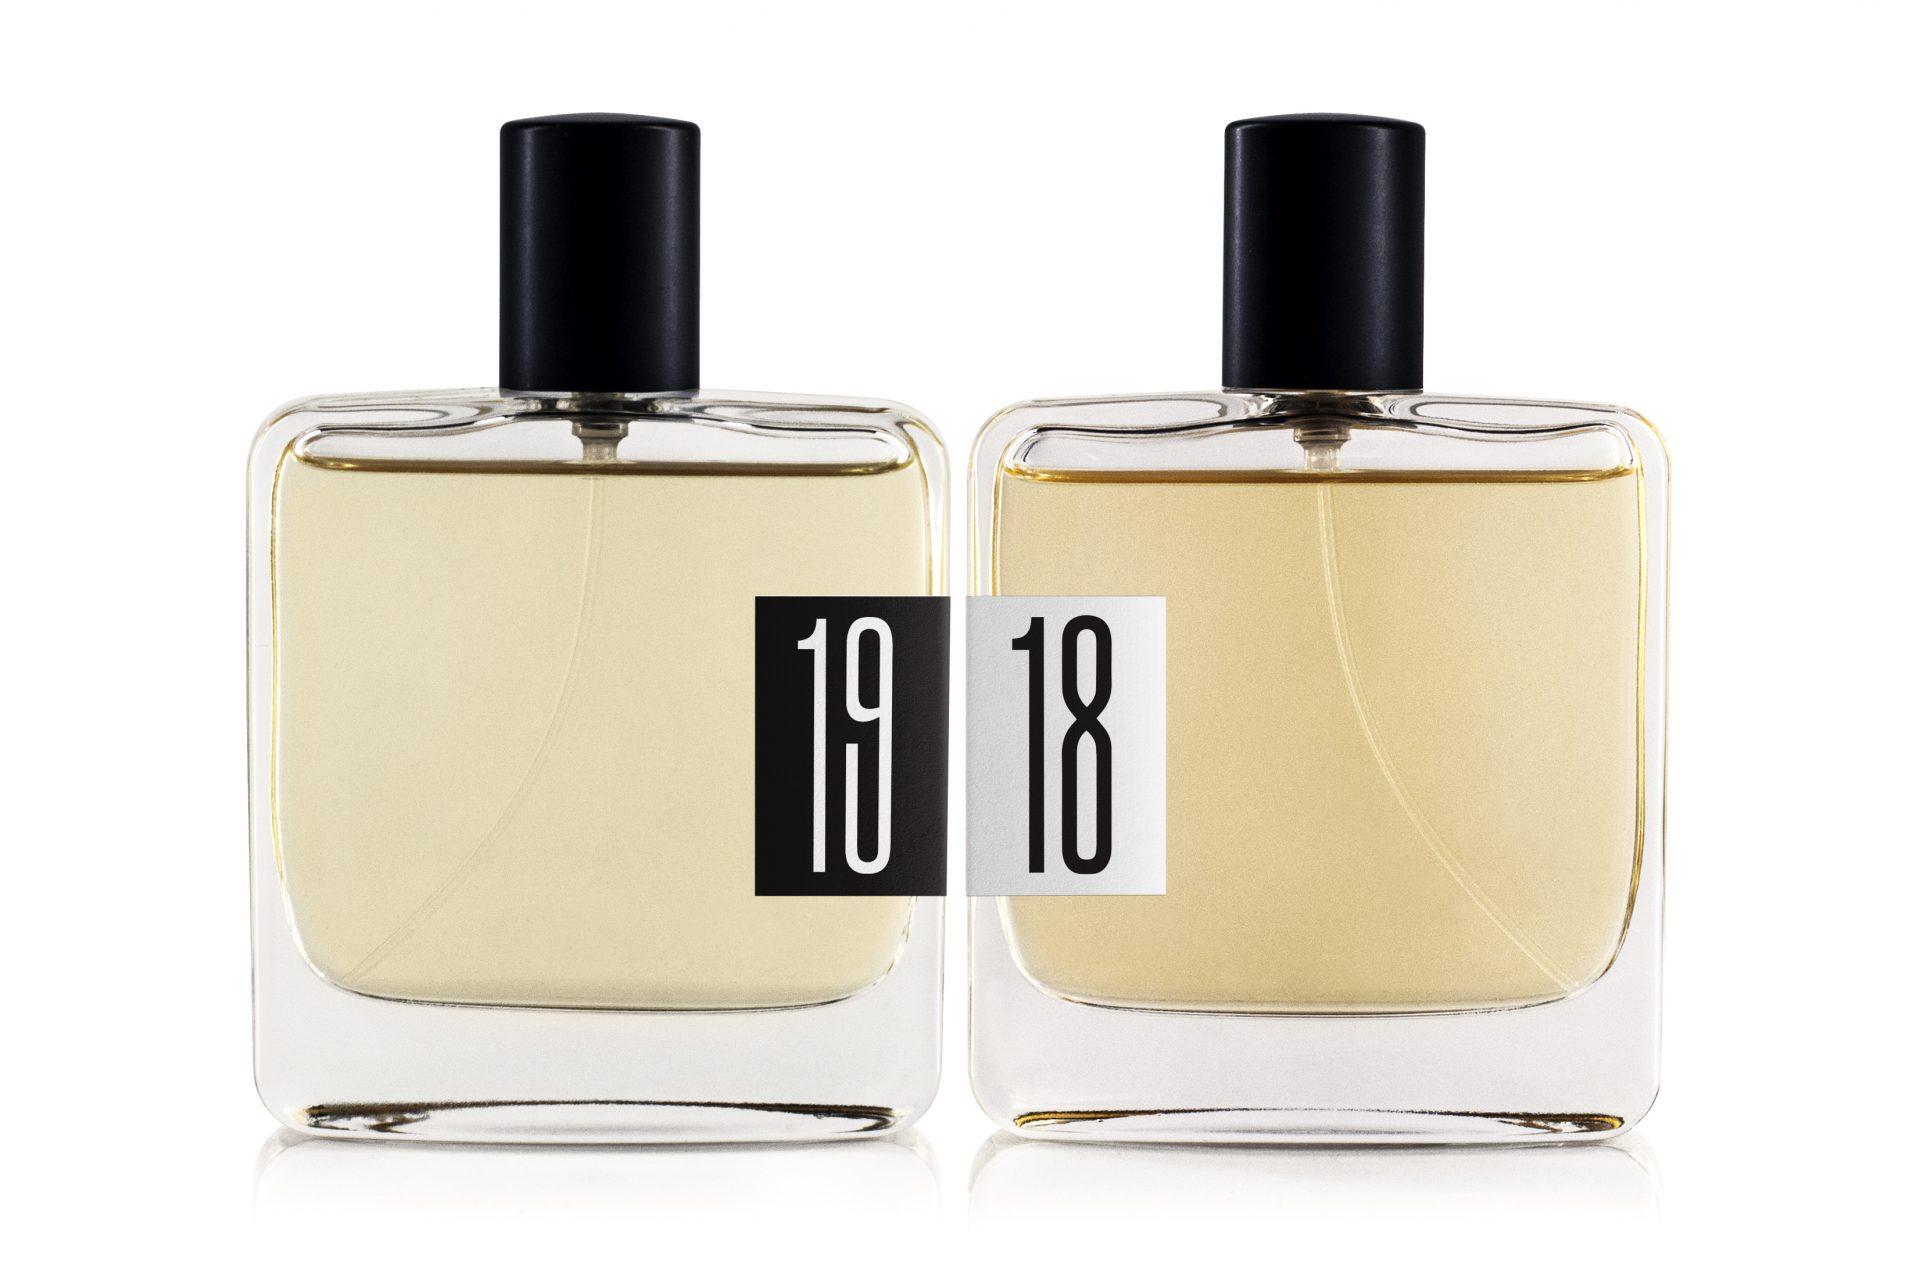 1918 parfum